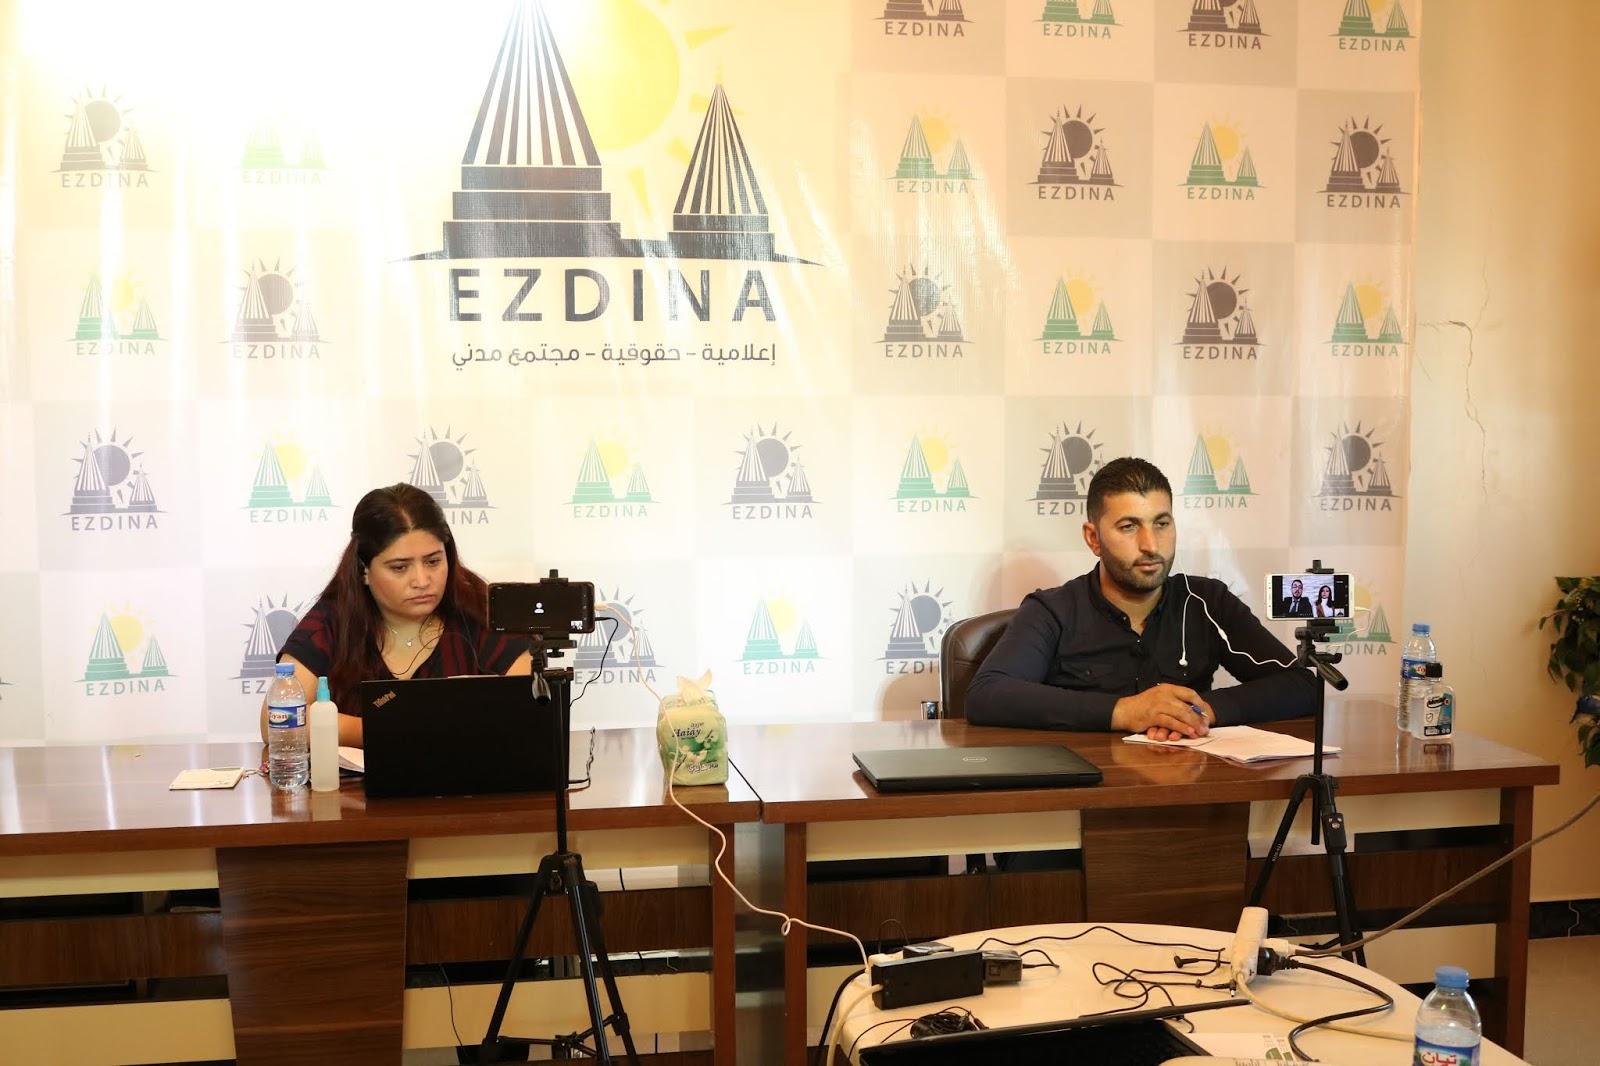 ايزدينا تعقد ندوة عن الهوية الإيزيدية لنشطاء ينتمون إلى أديان وقوميات مختلفة